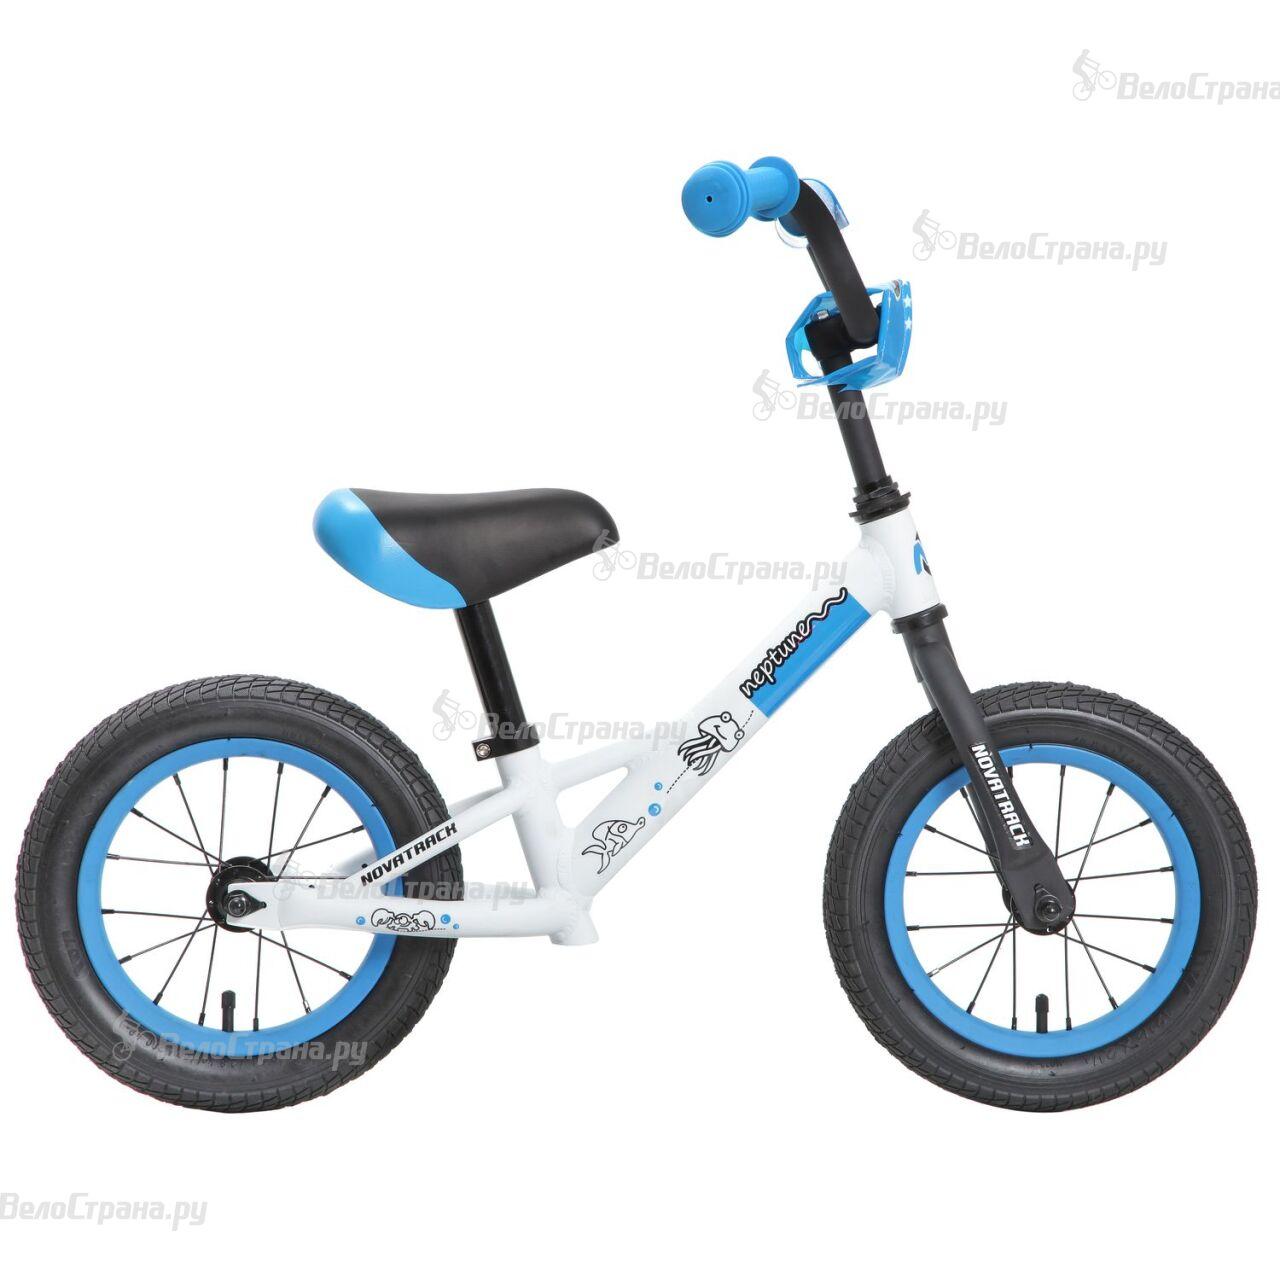 Велосипед Novatrack Neptune 12 (2016) детский велосипед novatrack neptune 16 2015 blue